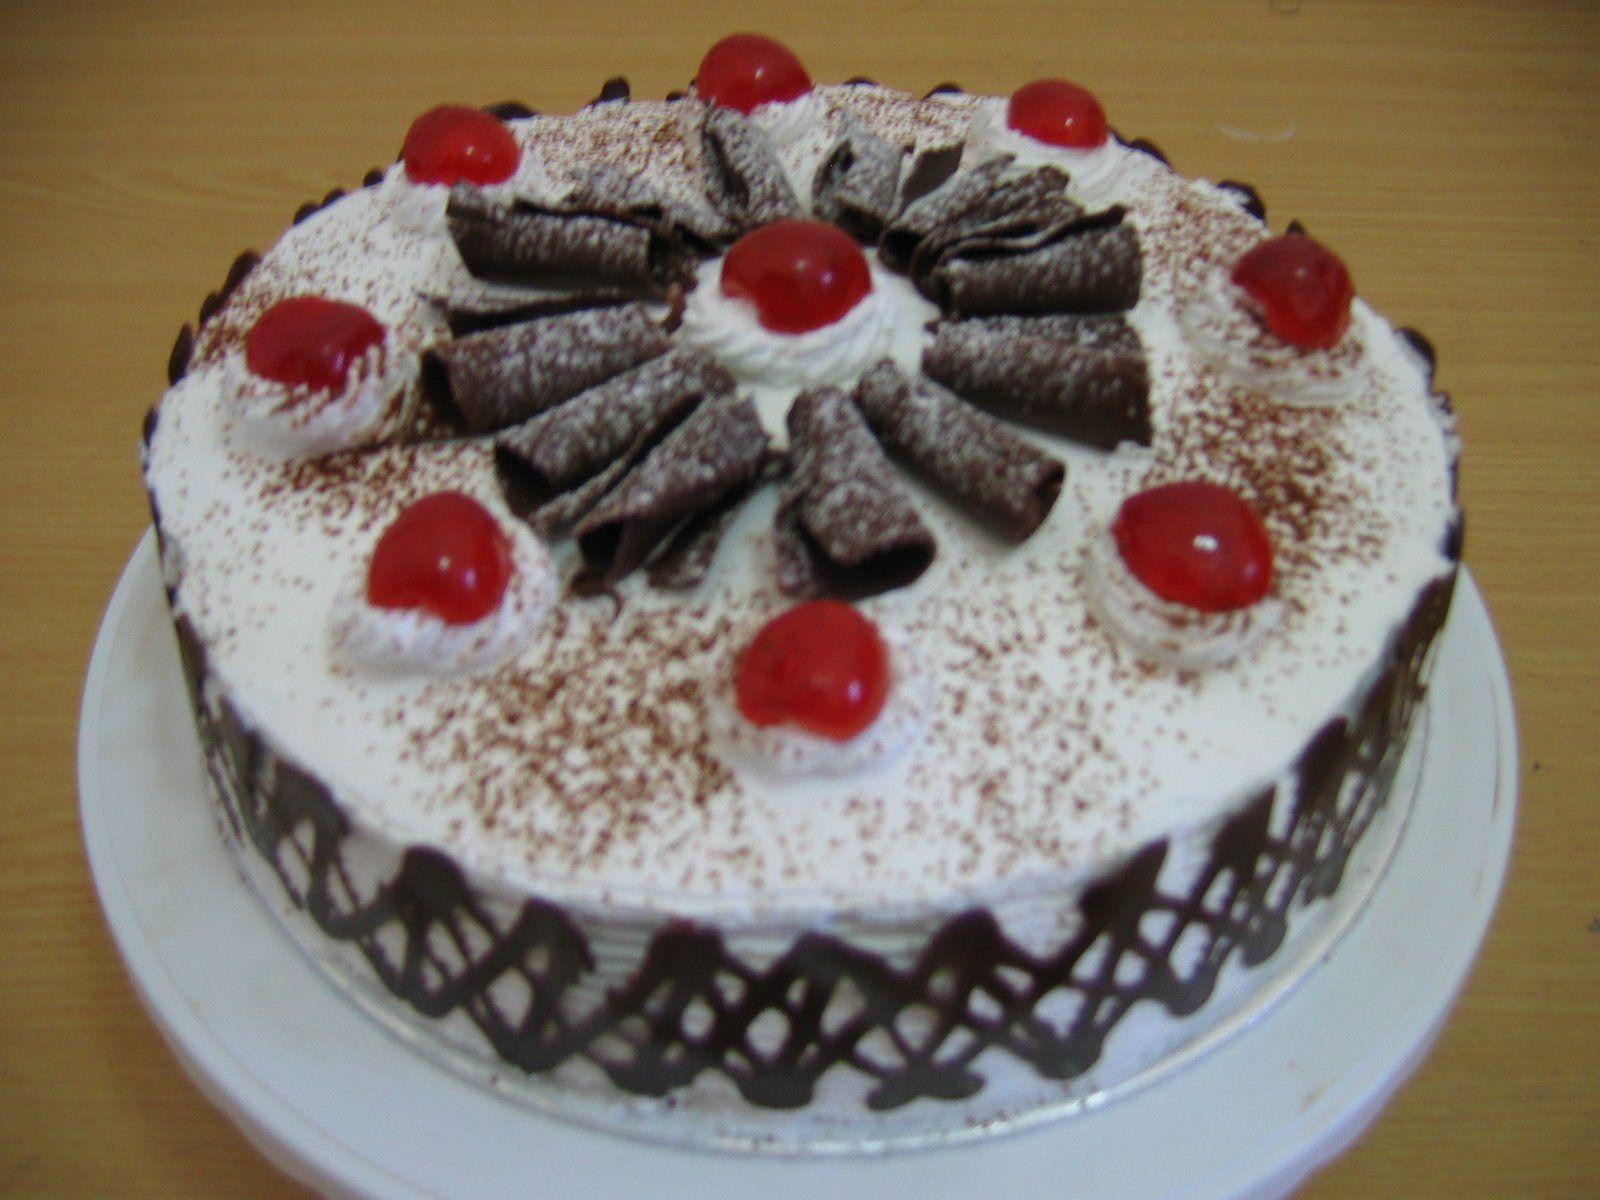 Resep Membuat Kue Tart Ulang Tahun Black Forest Sendiri